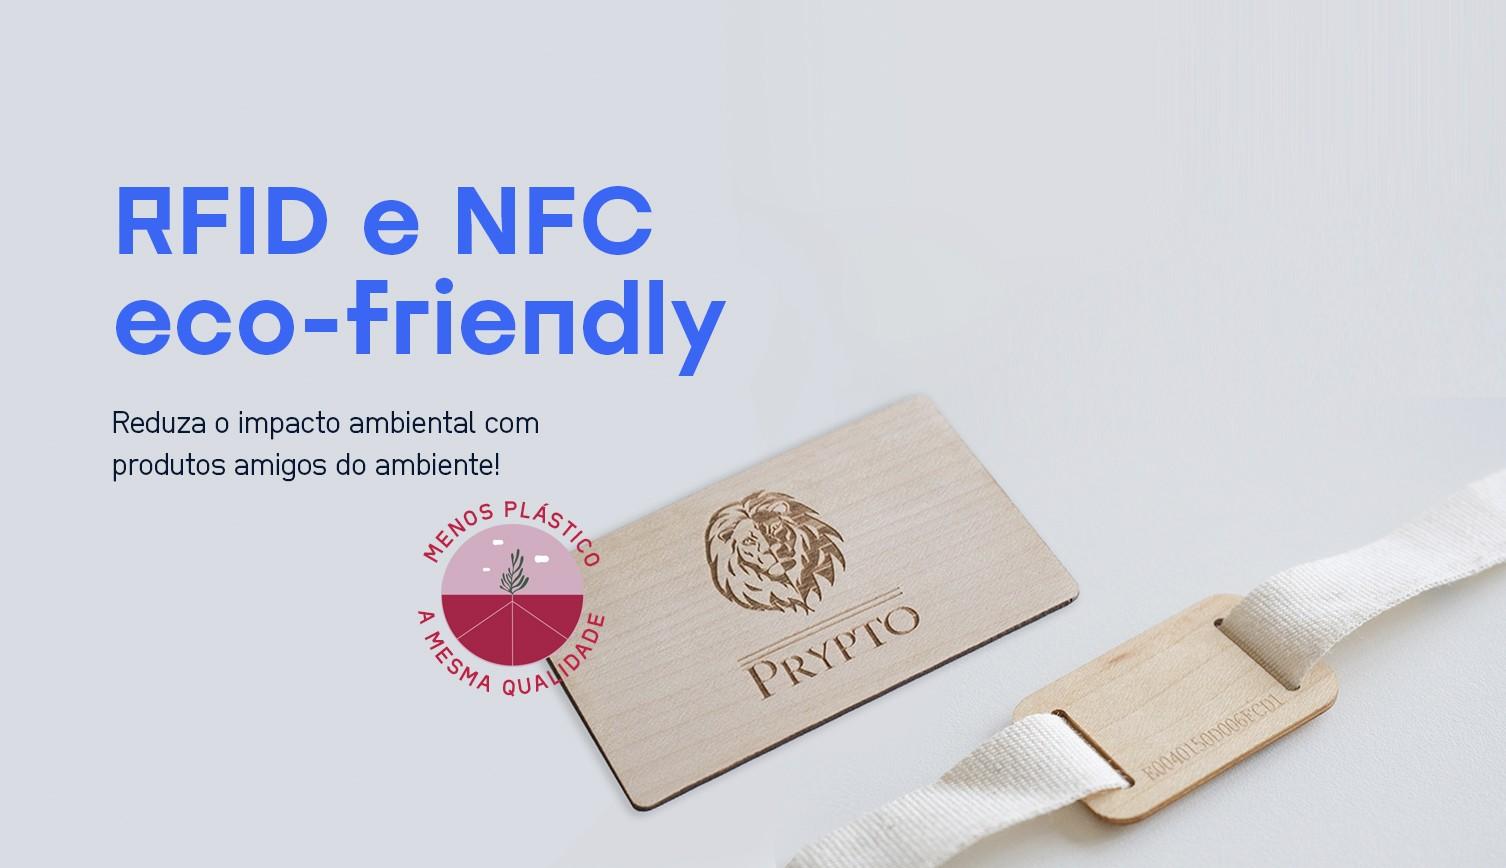 Produtos eco-friendly